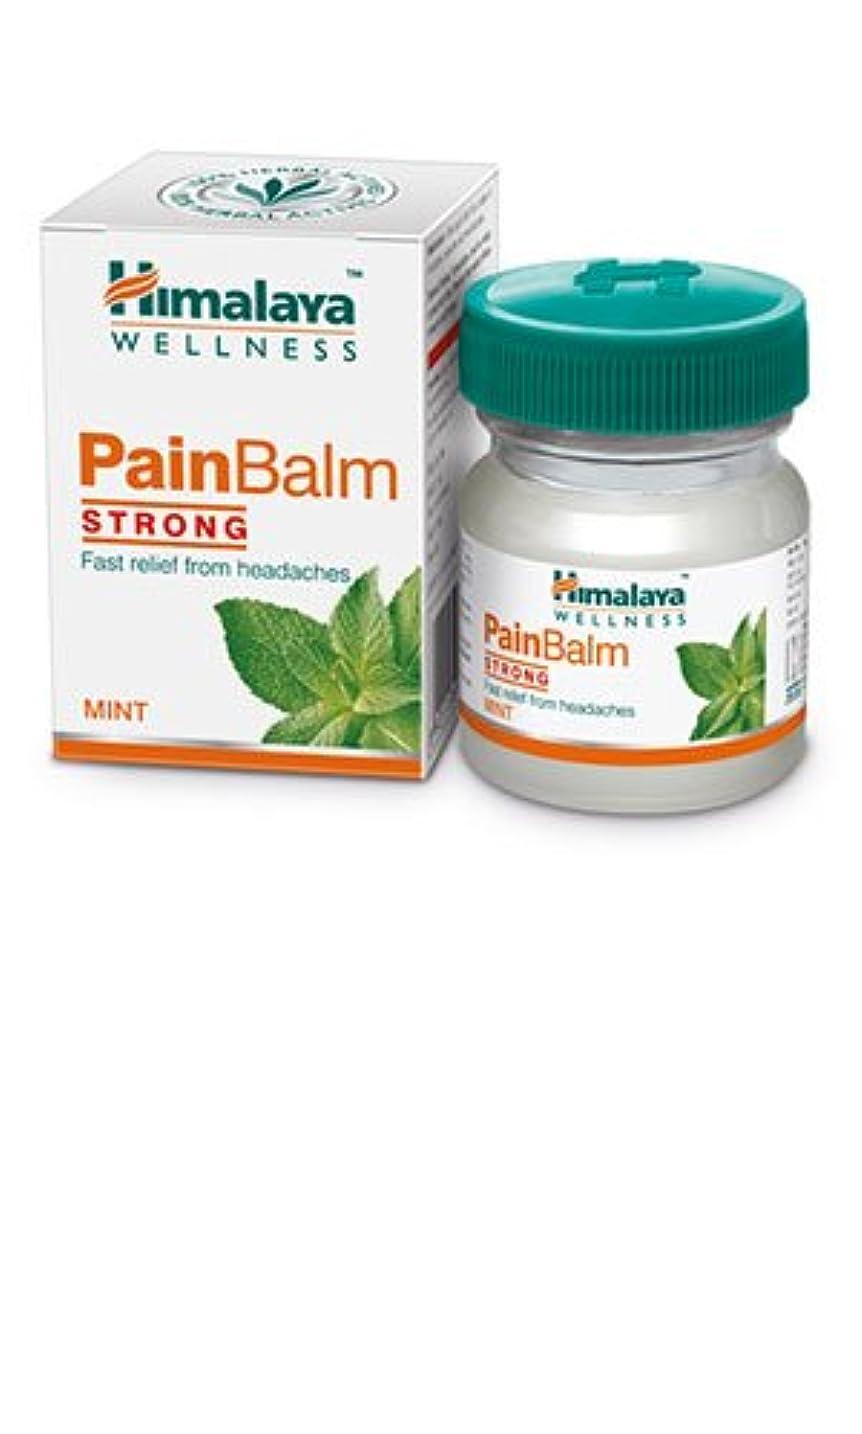 アクティブ減らすささやきHimalaya Pain Balm Strong 45 gm